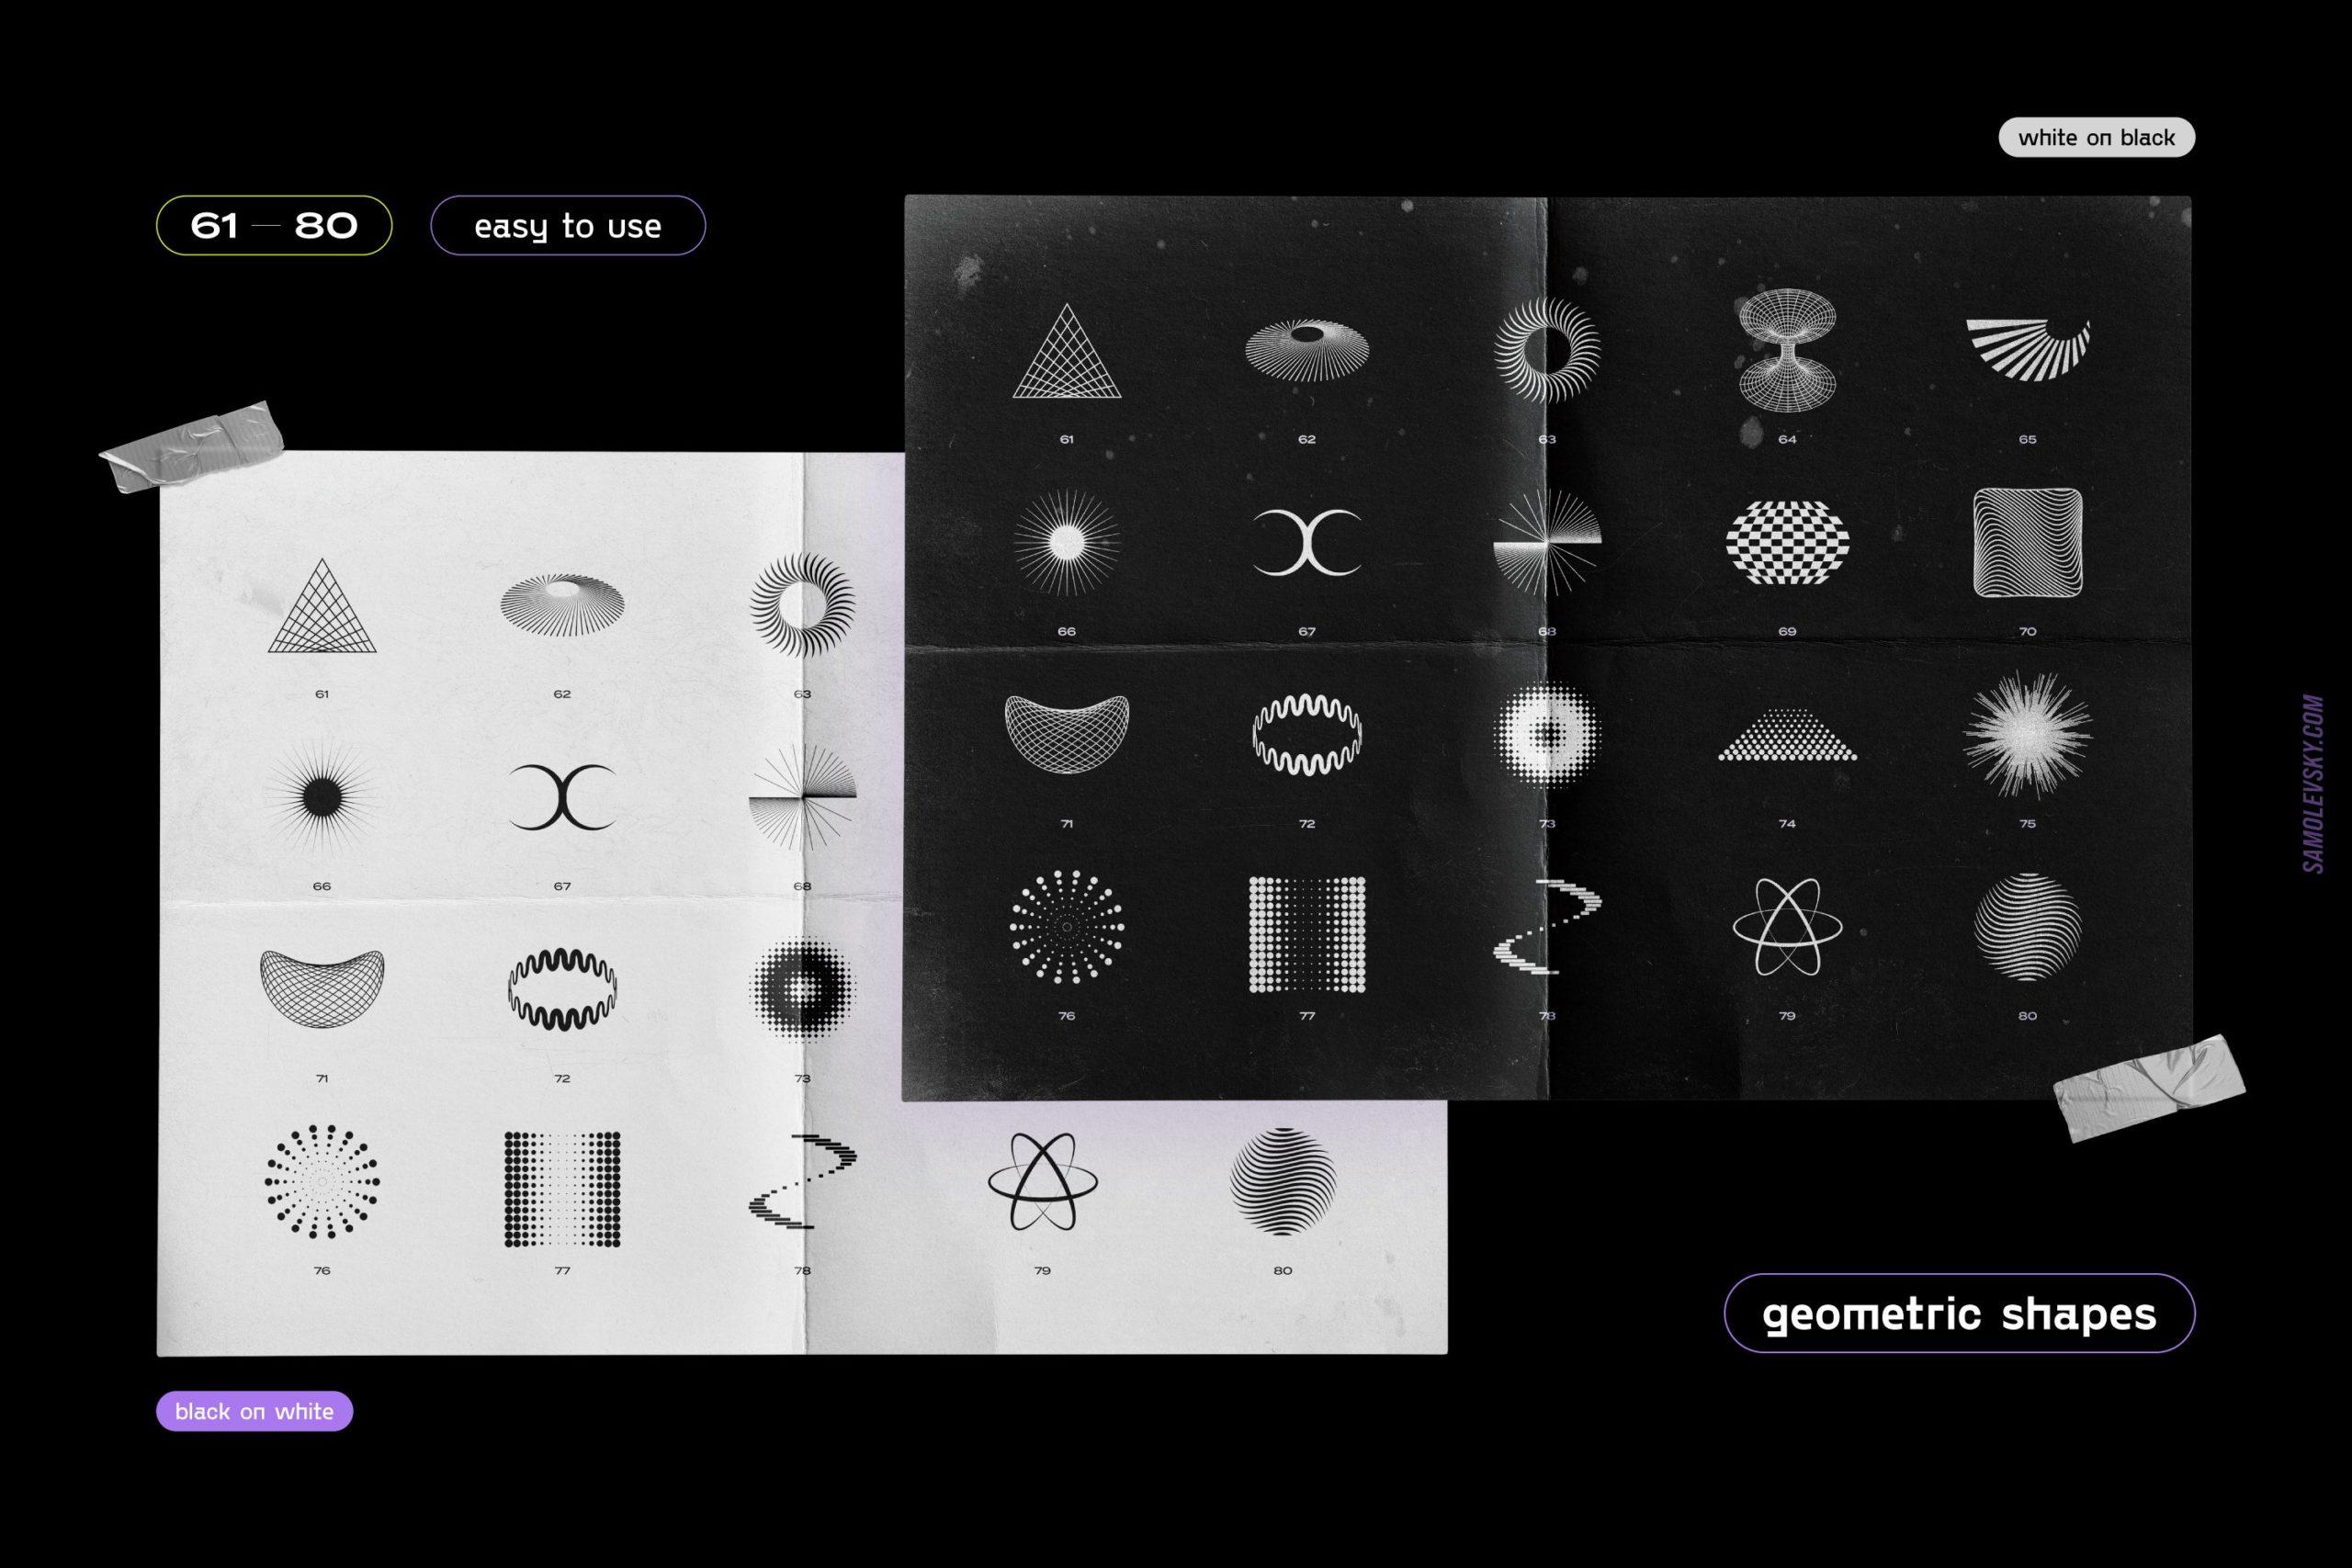 [淘宝购买] 时尚潮流抽象扭曲多边形几何海报设计矢量设计素材 Geometric Shapes For Poster Design插图11